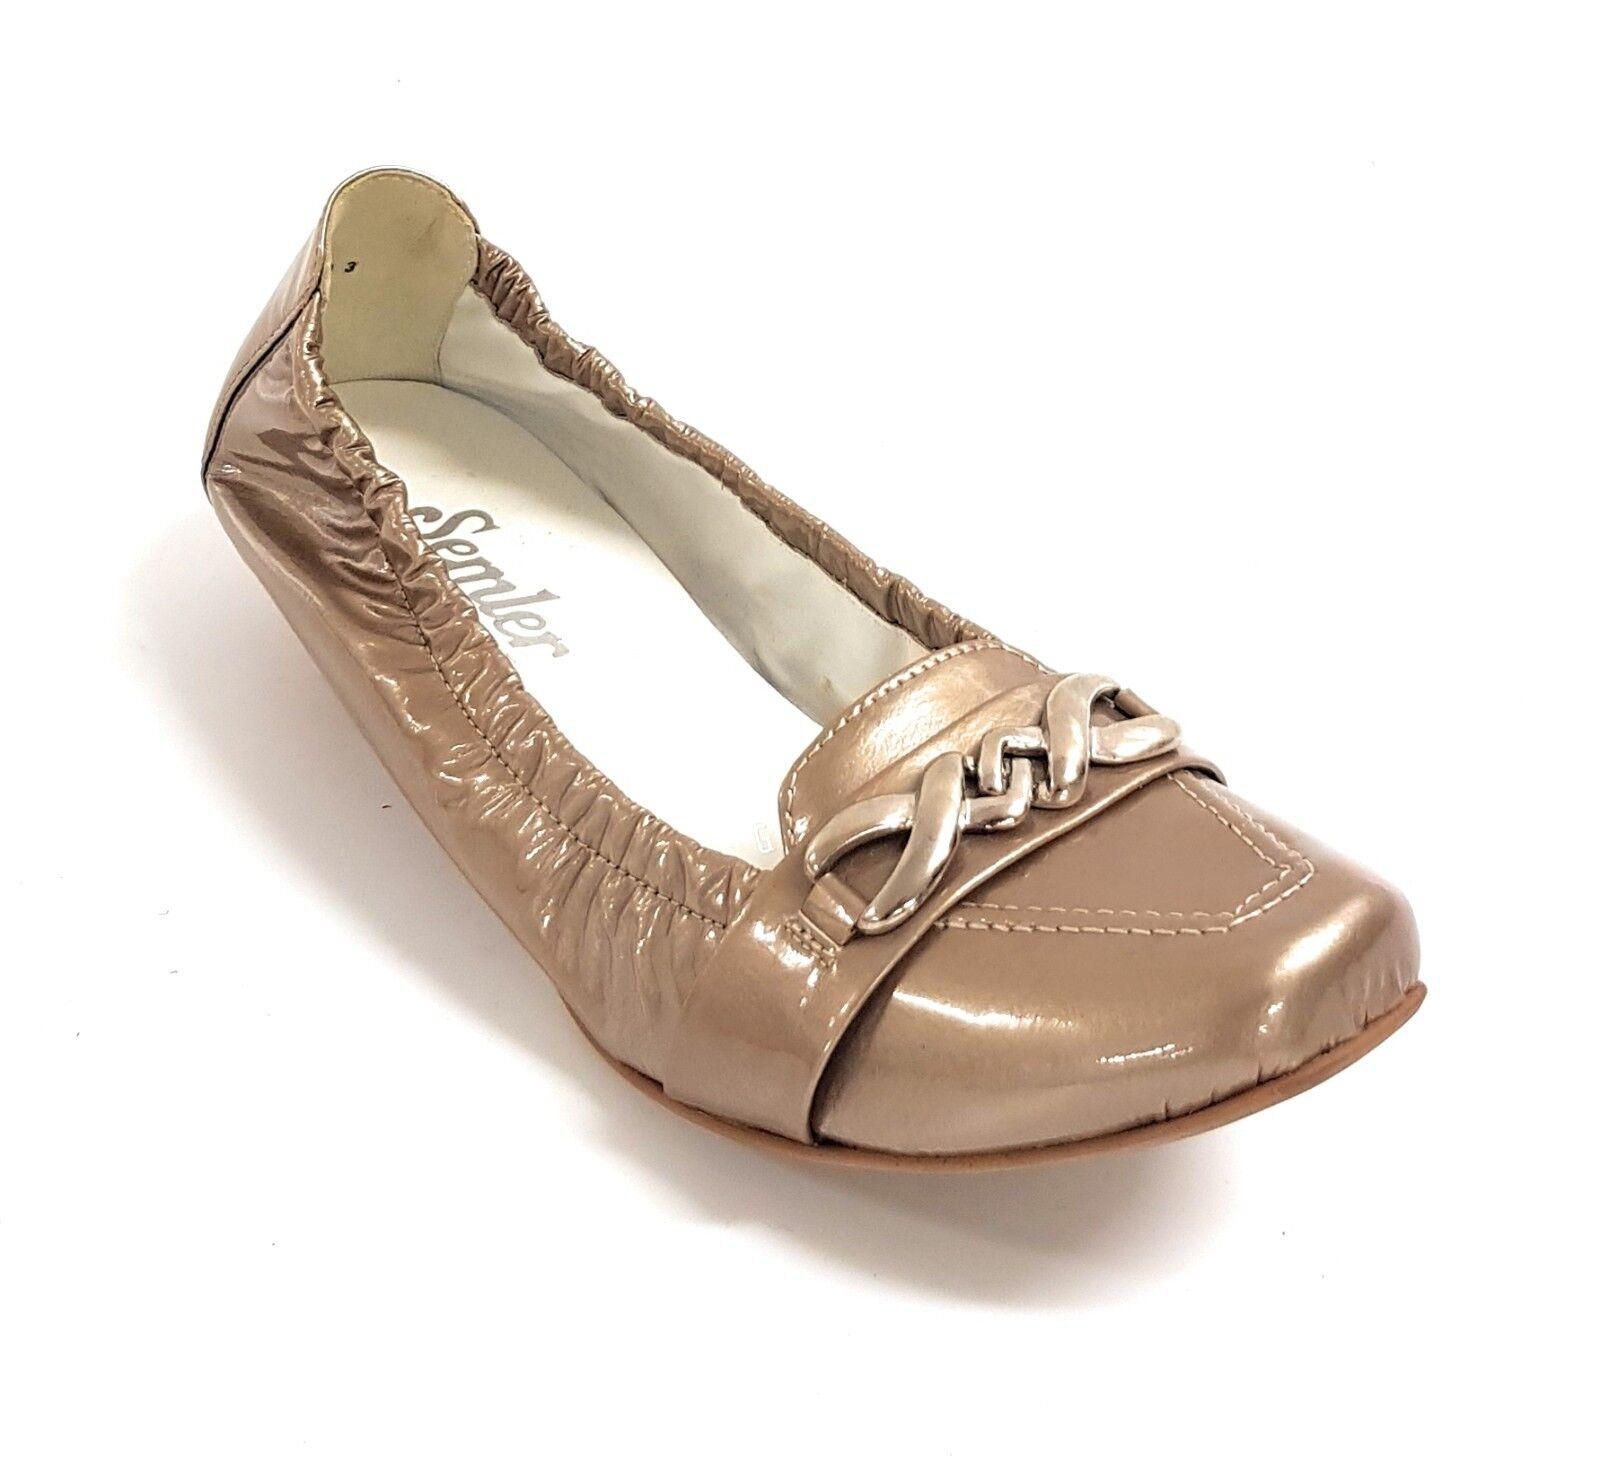 Semler Select Isa Damen Schuhe Slipper Ballerinas Mokassin Profilsohle LM-Absatz